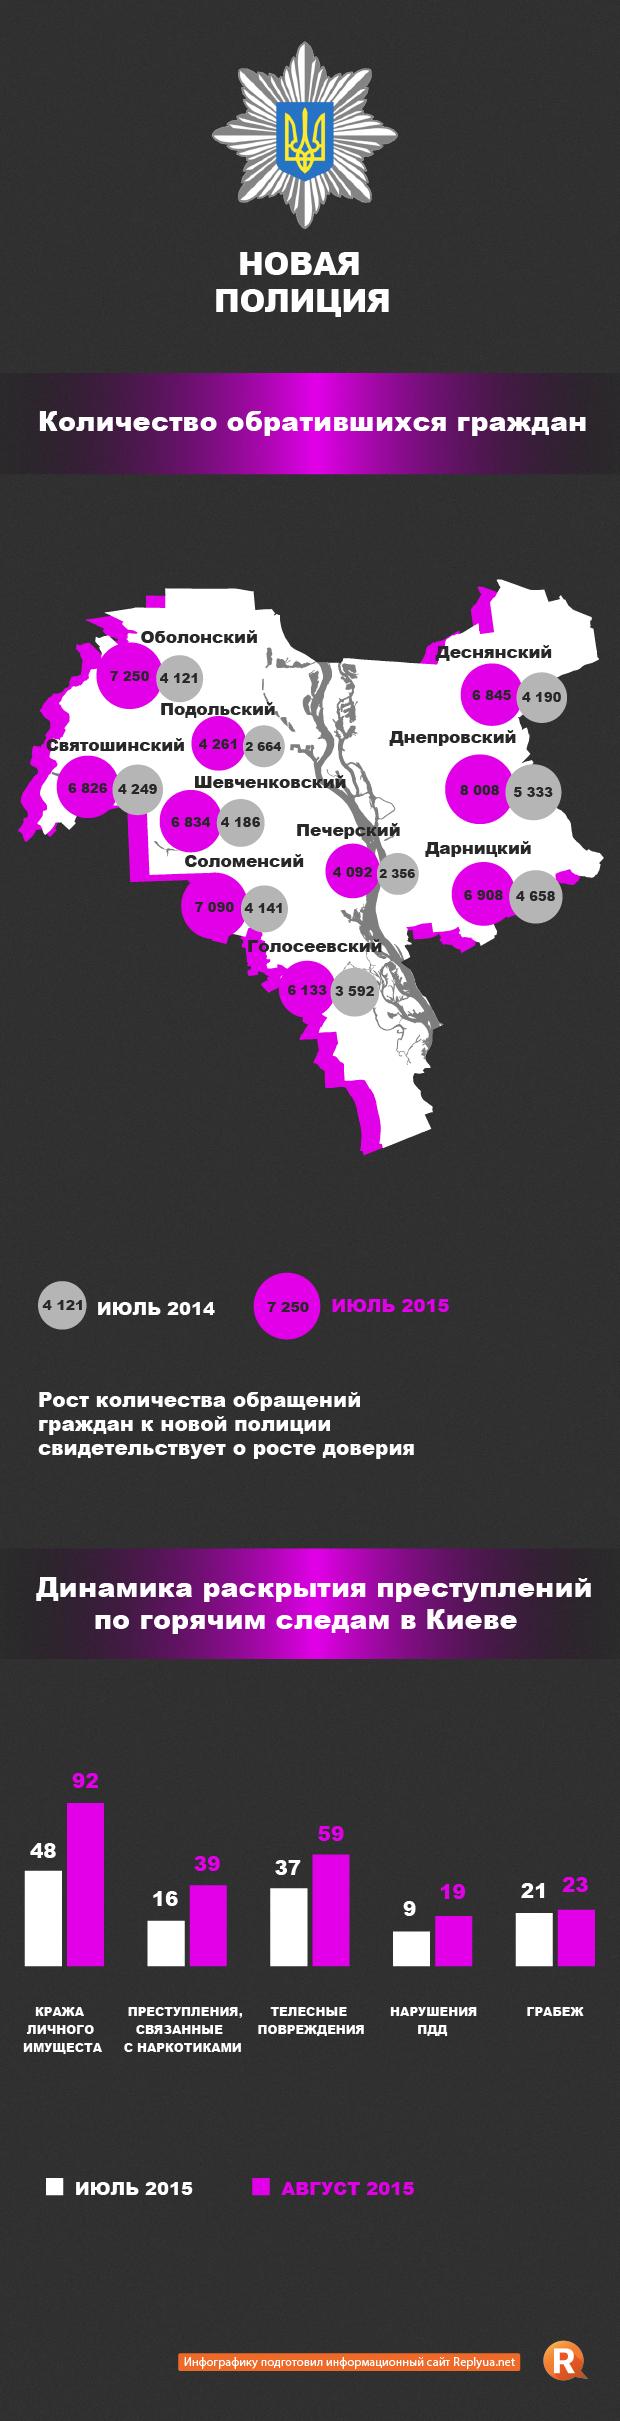 Киевляне доверяют новой полиции – количество обращений увеличилось вдвое - инфографика